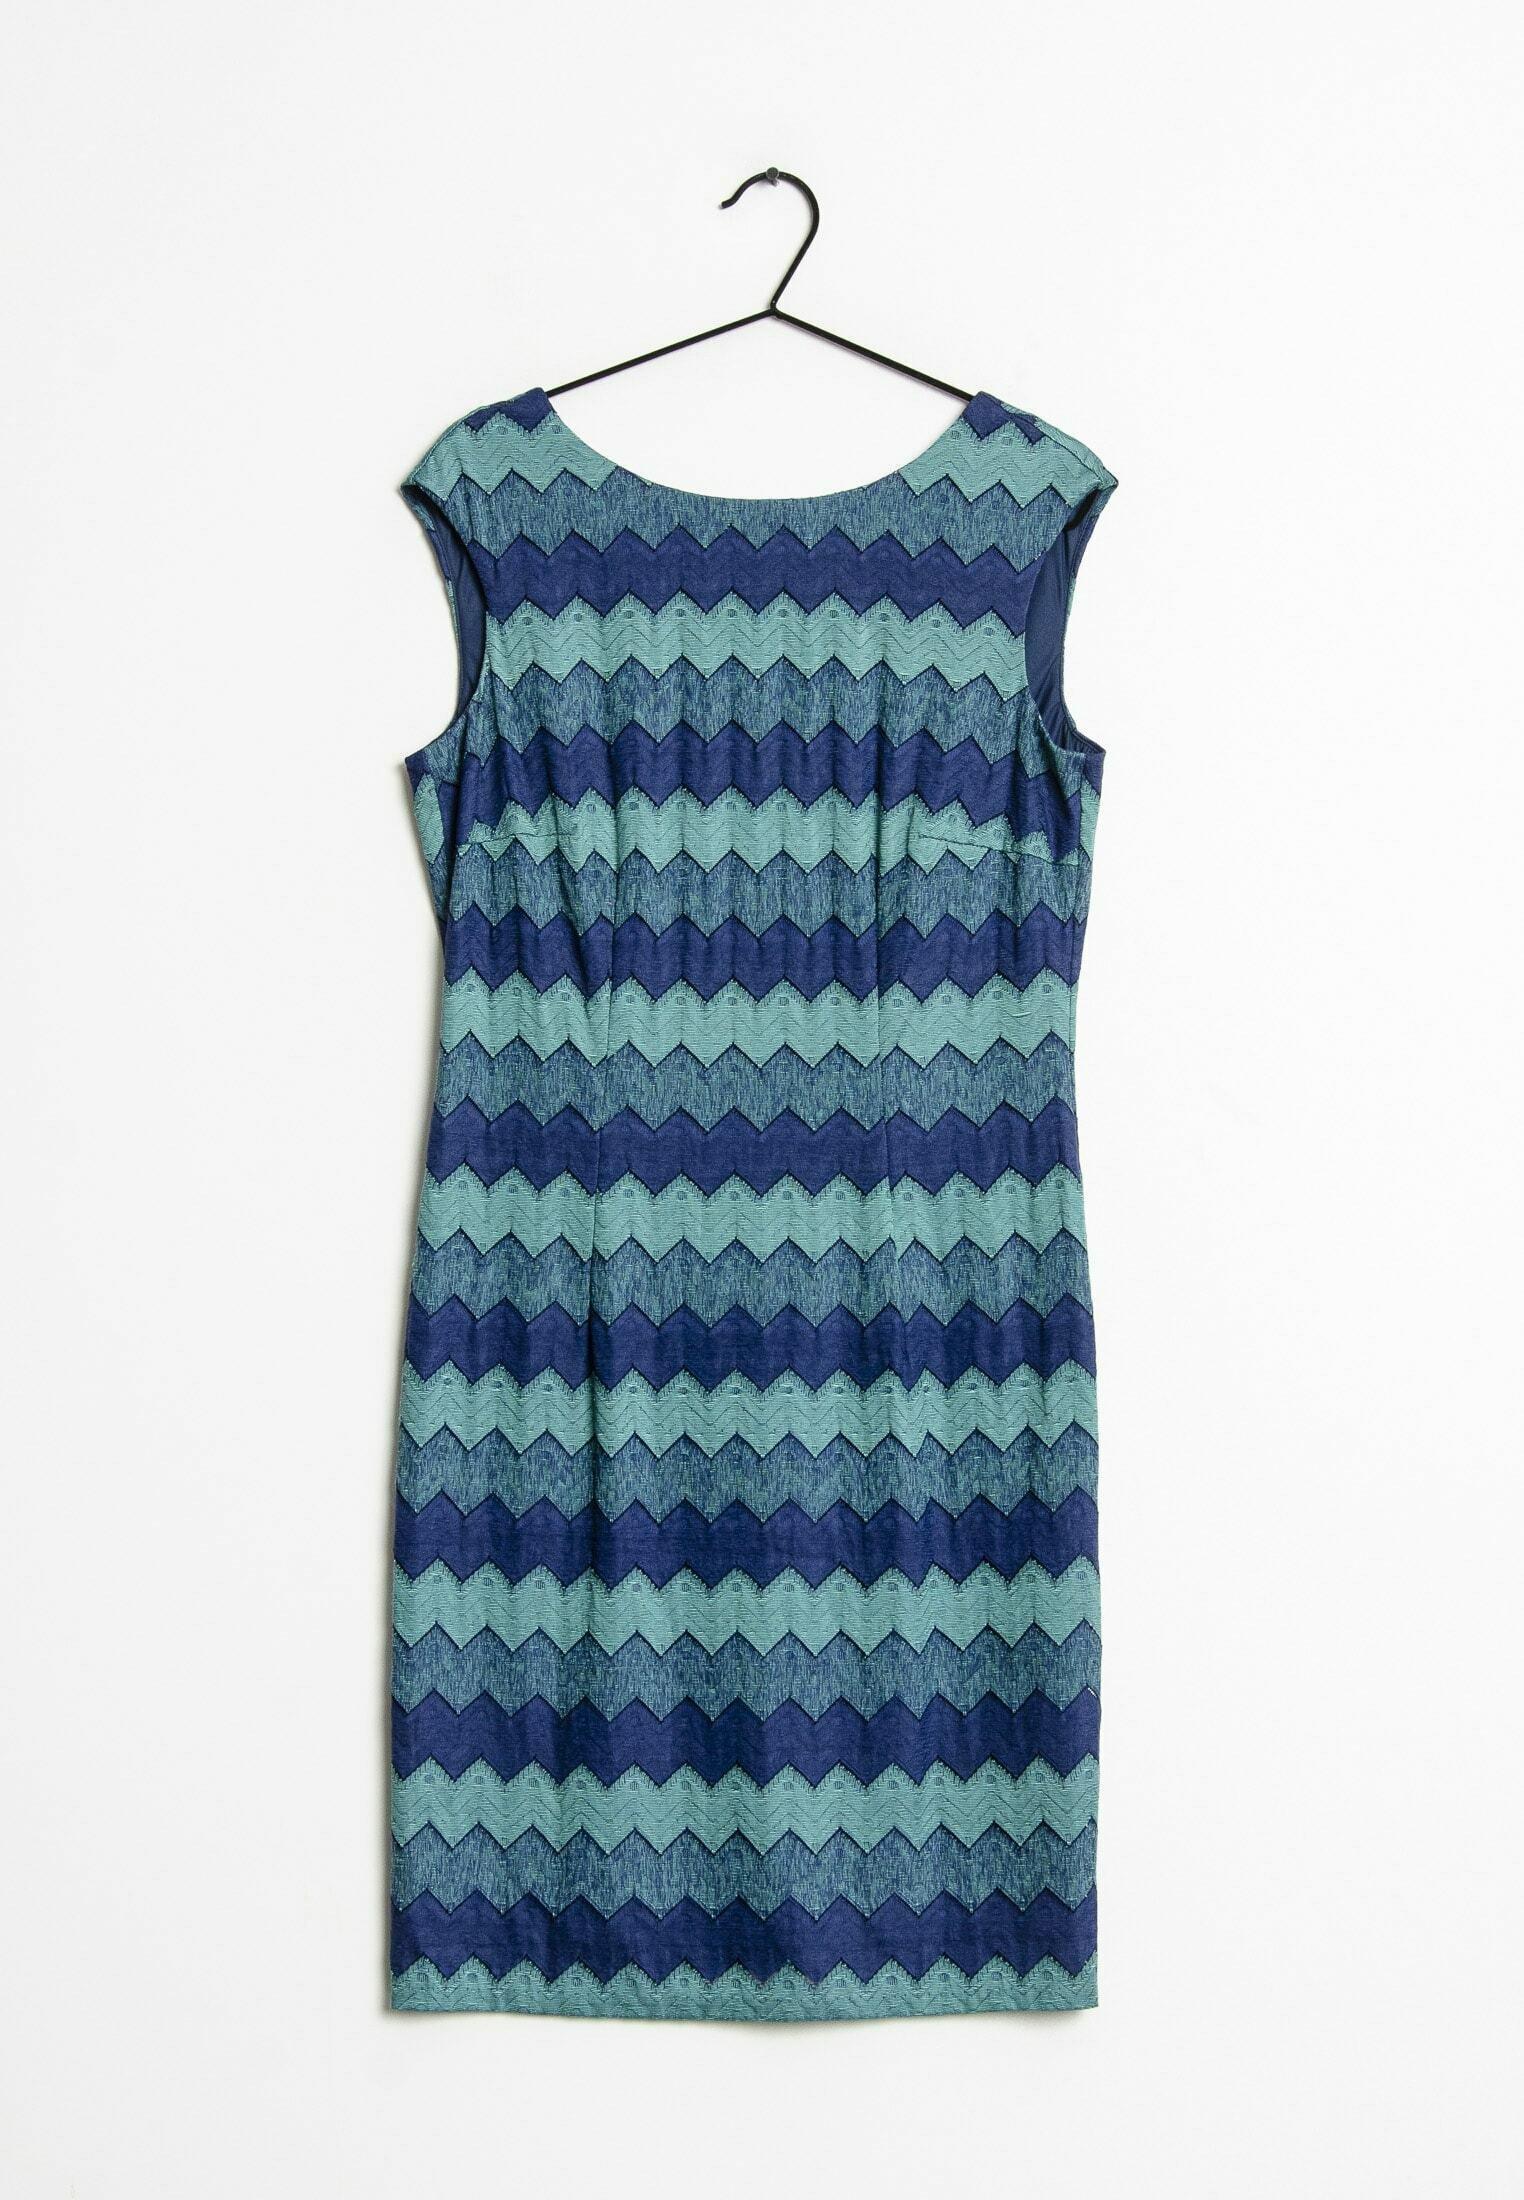 kleid - freizeitkleid - blue